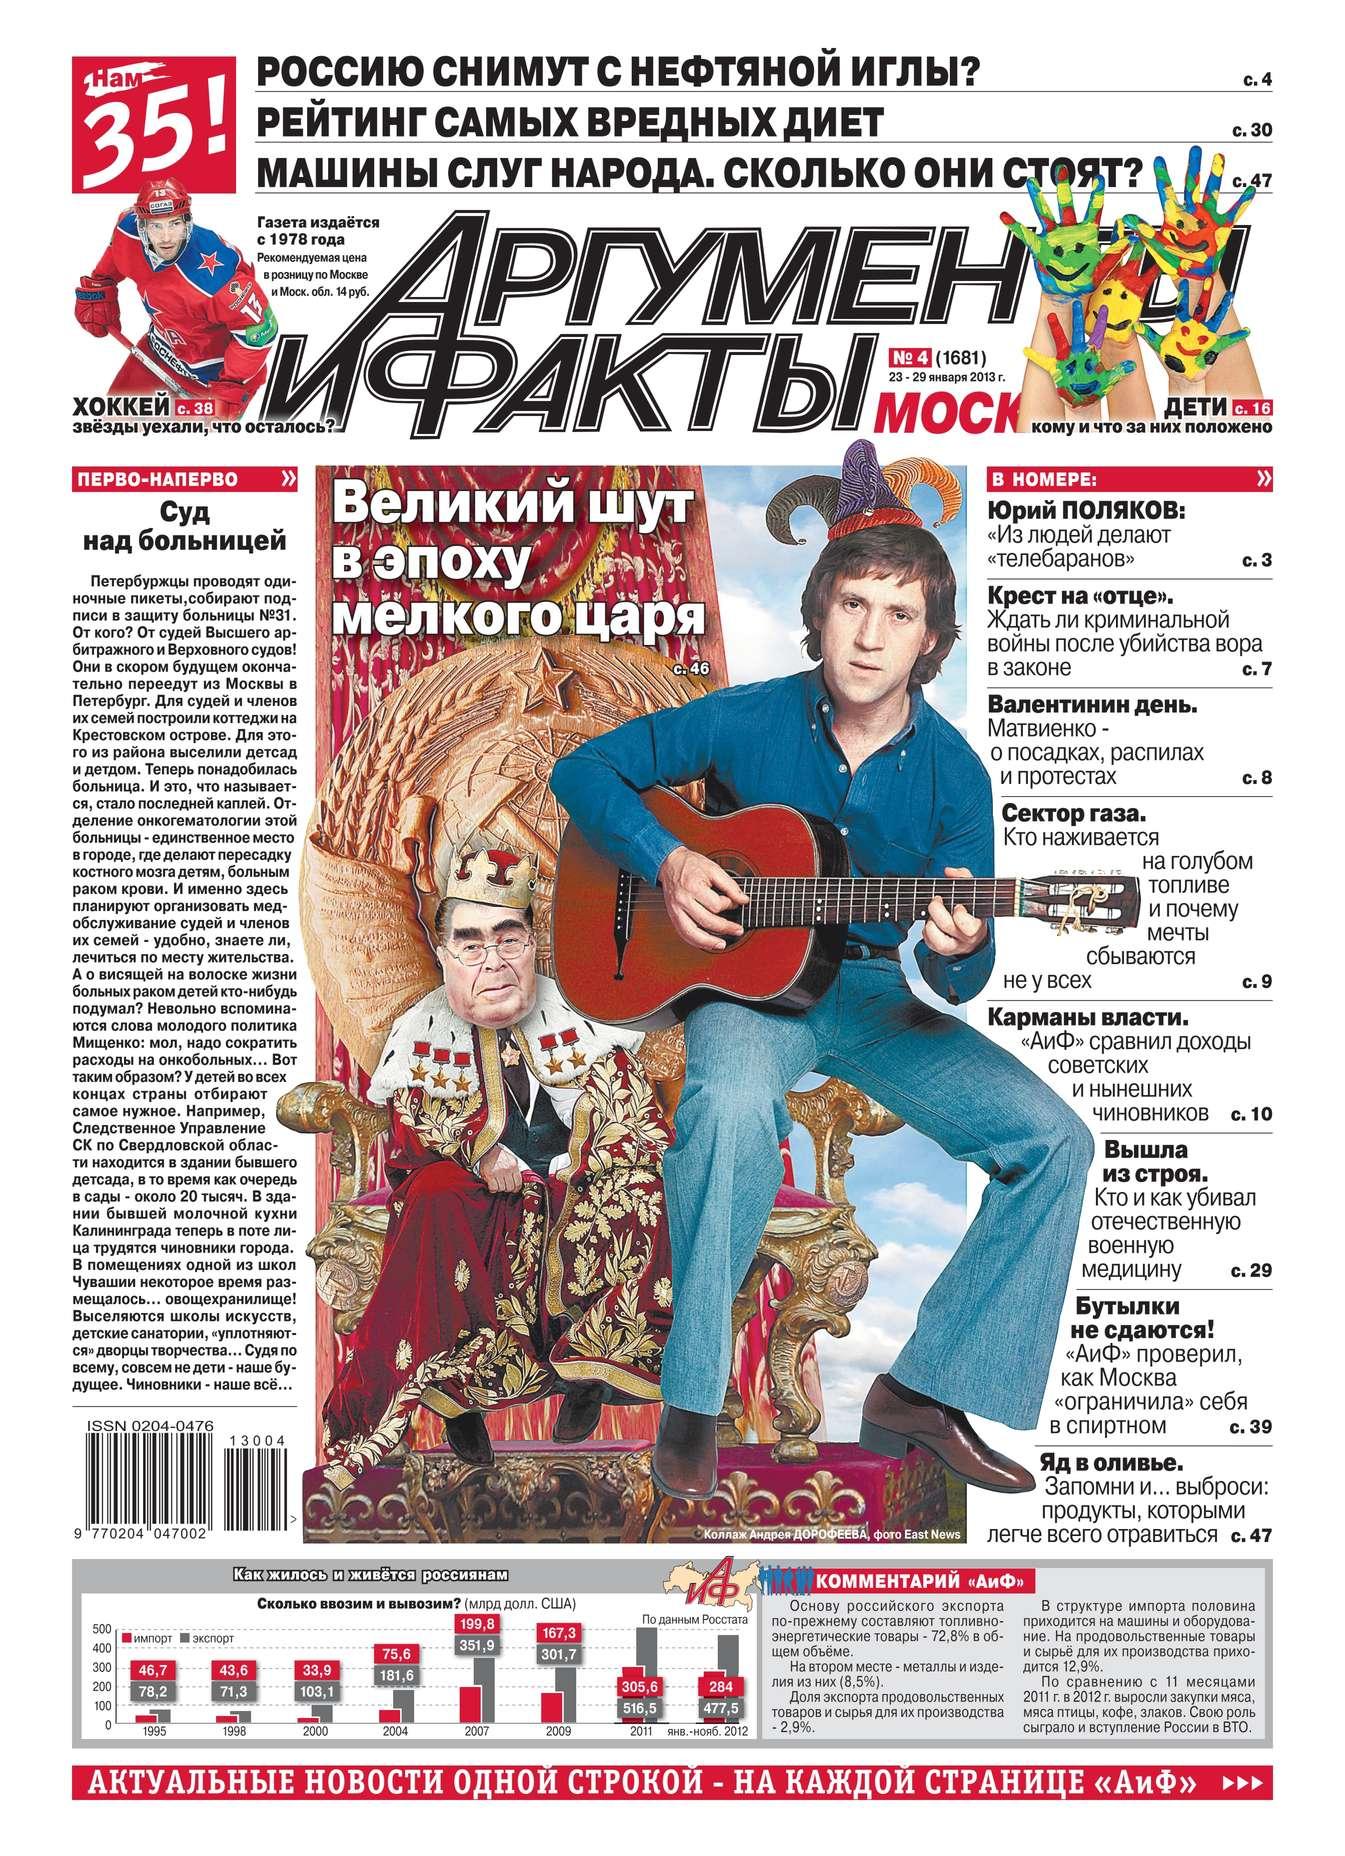 Редакция журнала Аиф. Про Кухню Аргументы и факты 04-2013